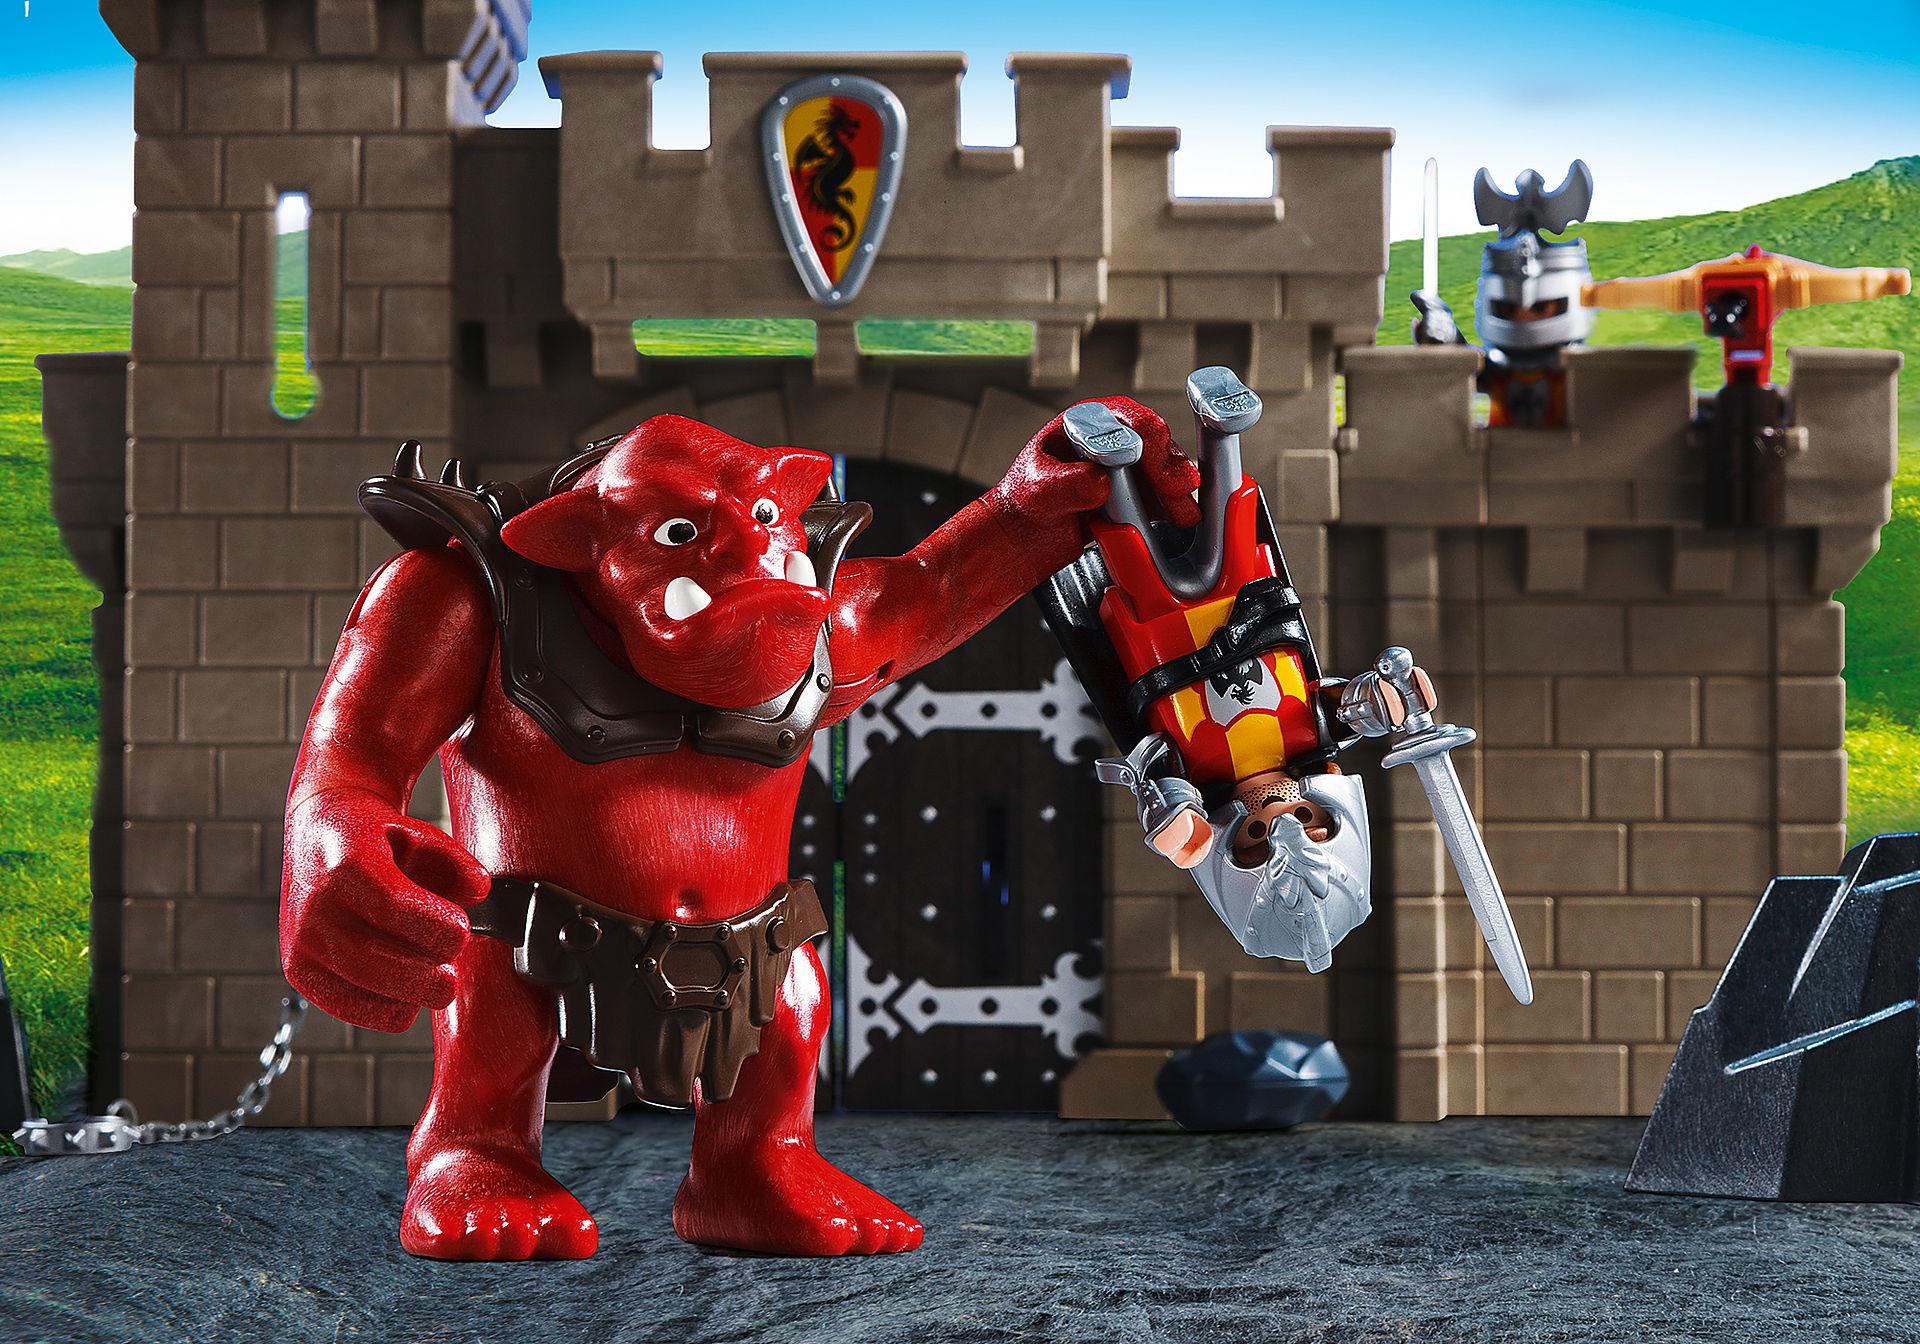 http://media.playmobil.com/i/playmobil/5670_product_extra2/Set Castelo de Cavaleiros